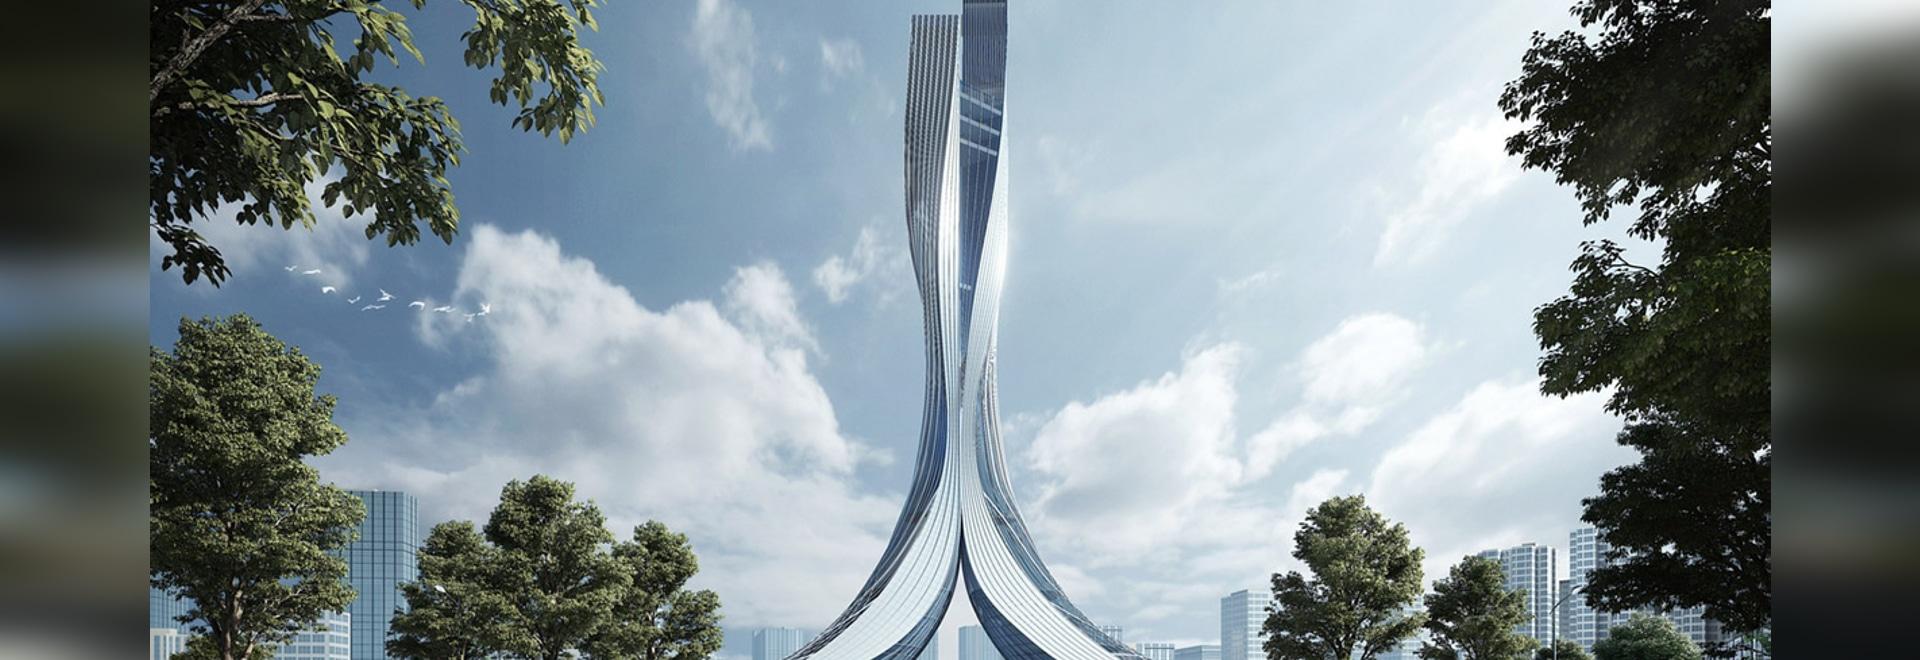 RMJM a été choisi pour concevoir la tour de la porte de Xiangjiang dans le Hunan, en Chine